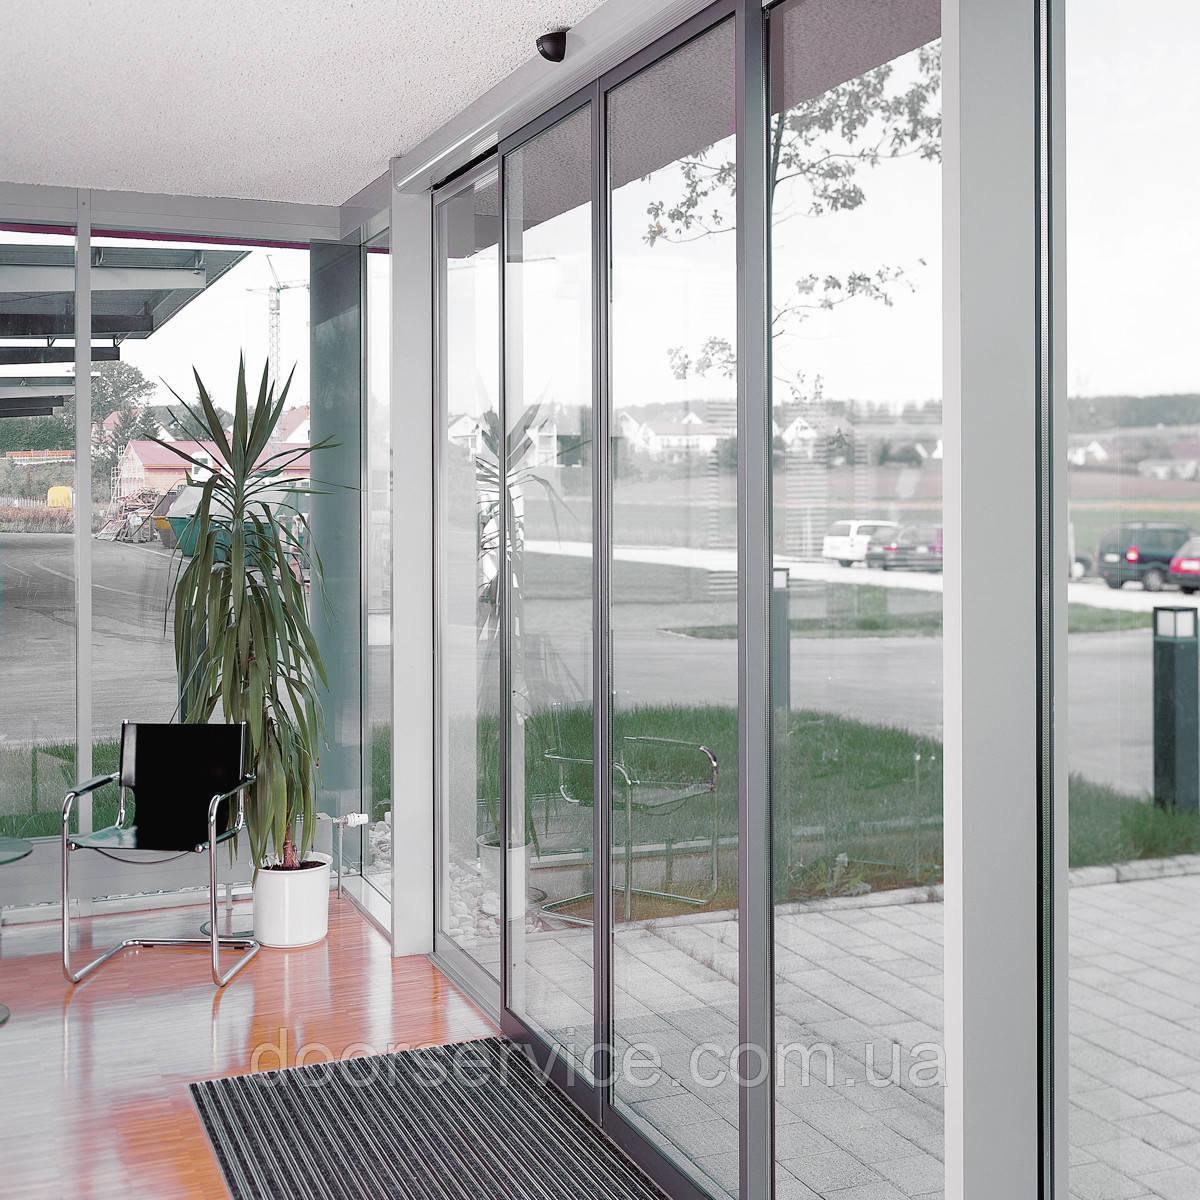 Автоматические раздвижные двери ST FLEX -  DOORSERVICE в Киеве